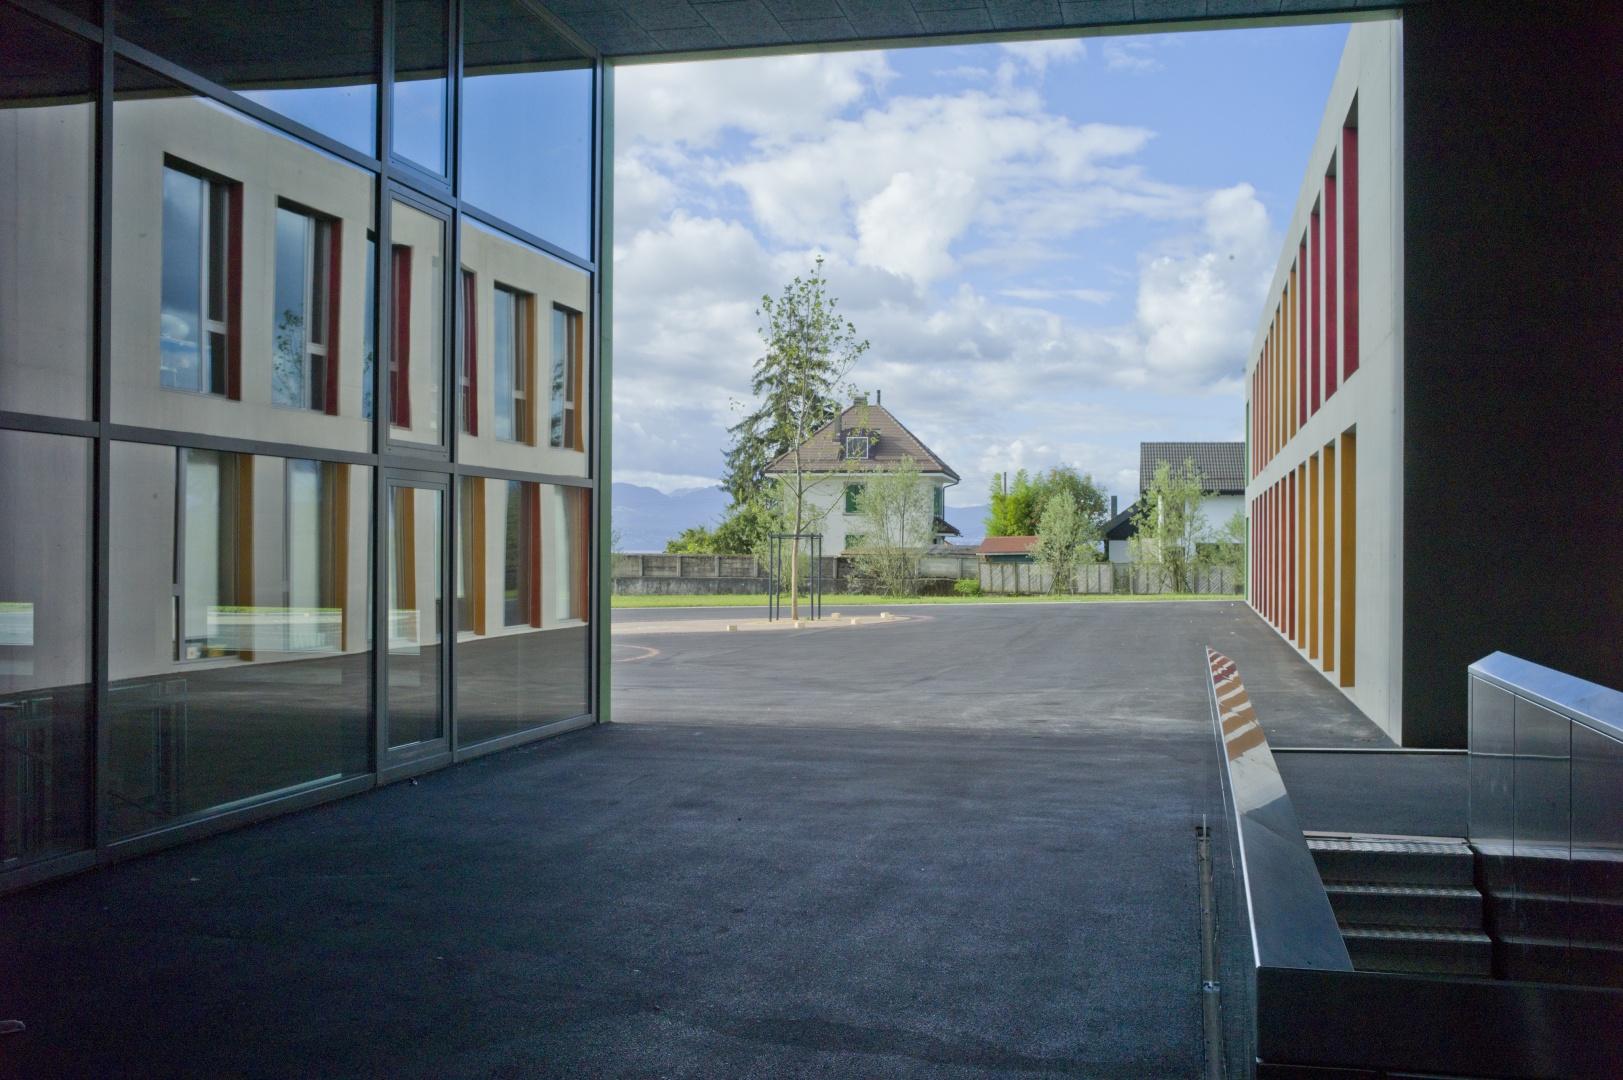 © Atelier Cube SA, Petit-Chêne 19; 1003 Lausanne